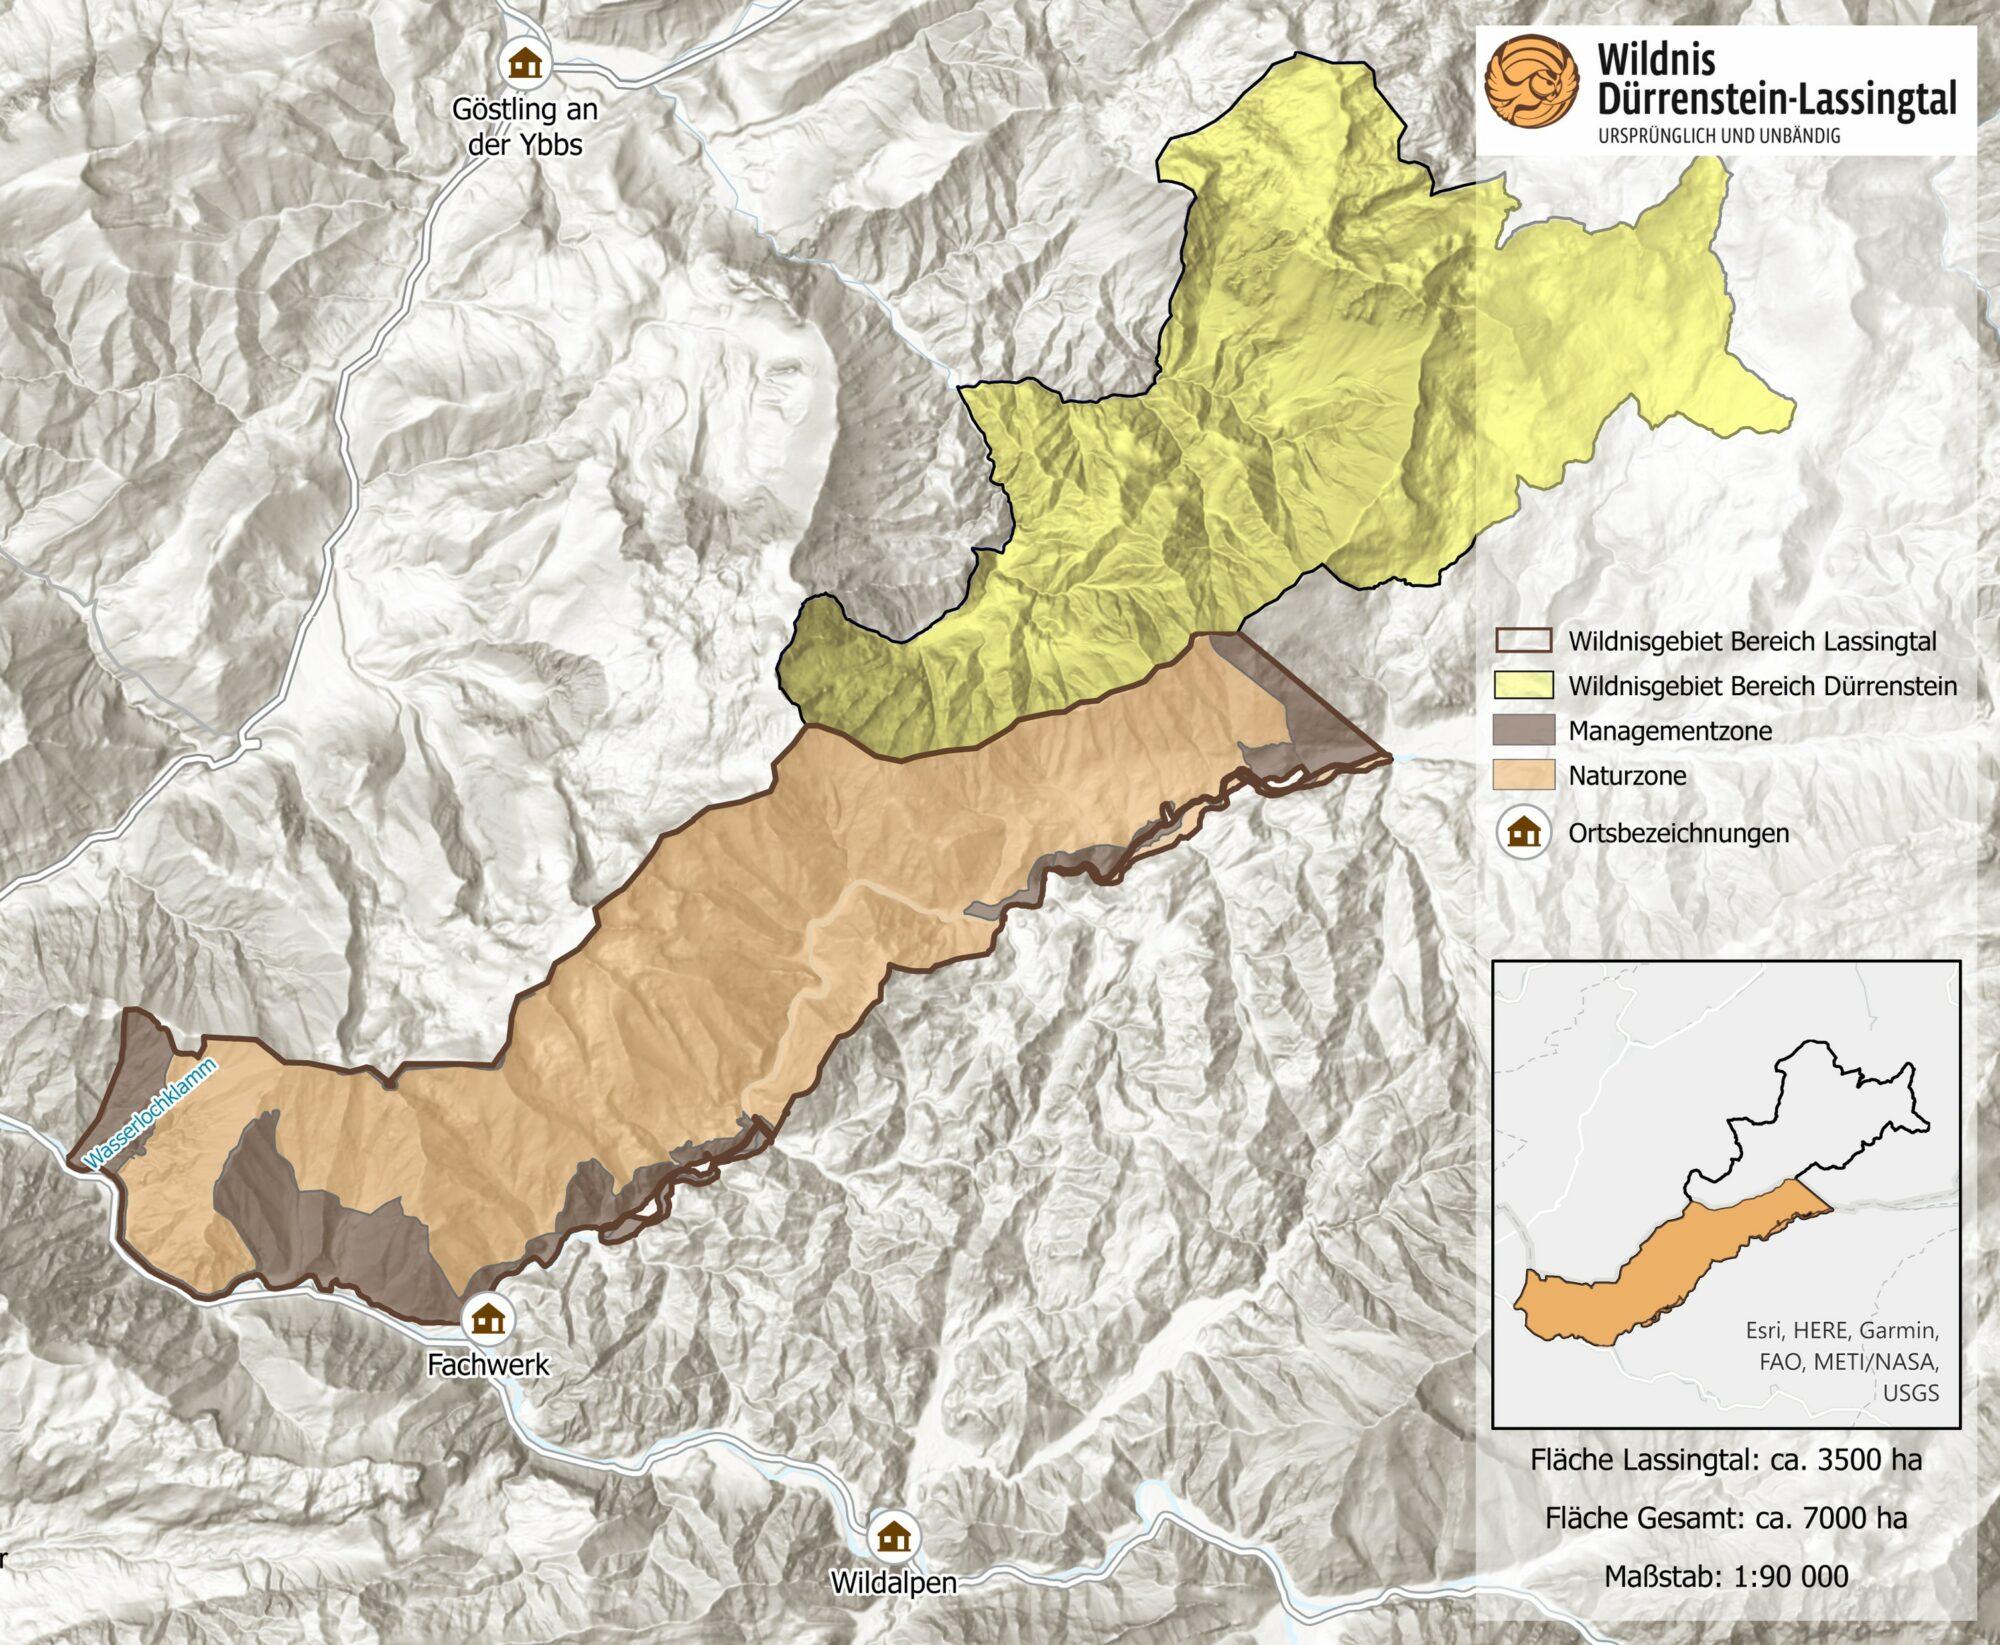 Wildnisgebiet Dürrenstein-Lassingtal